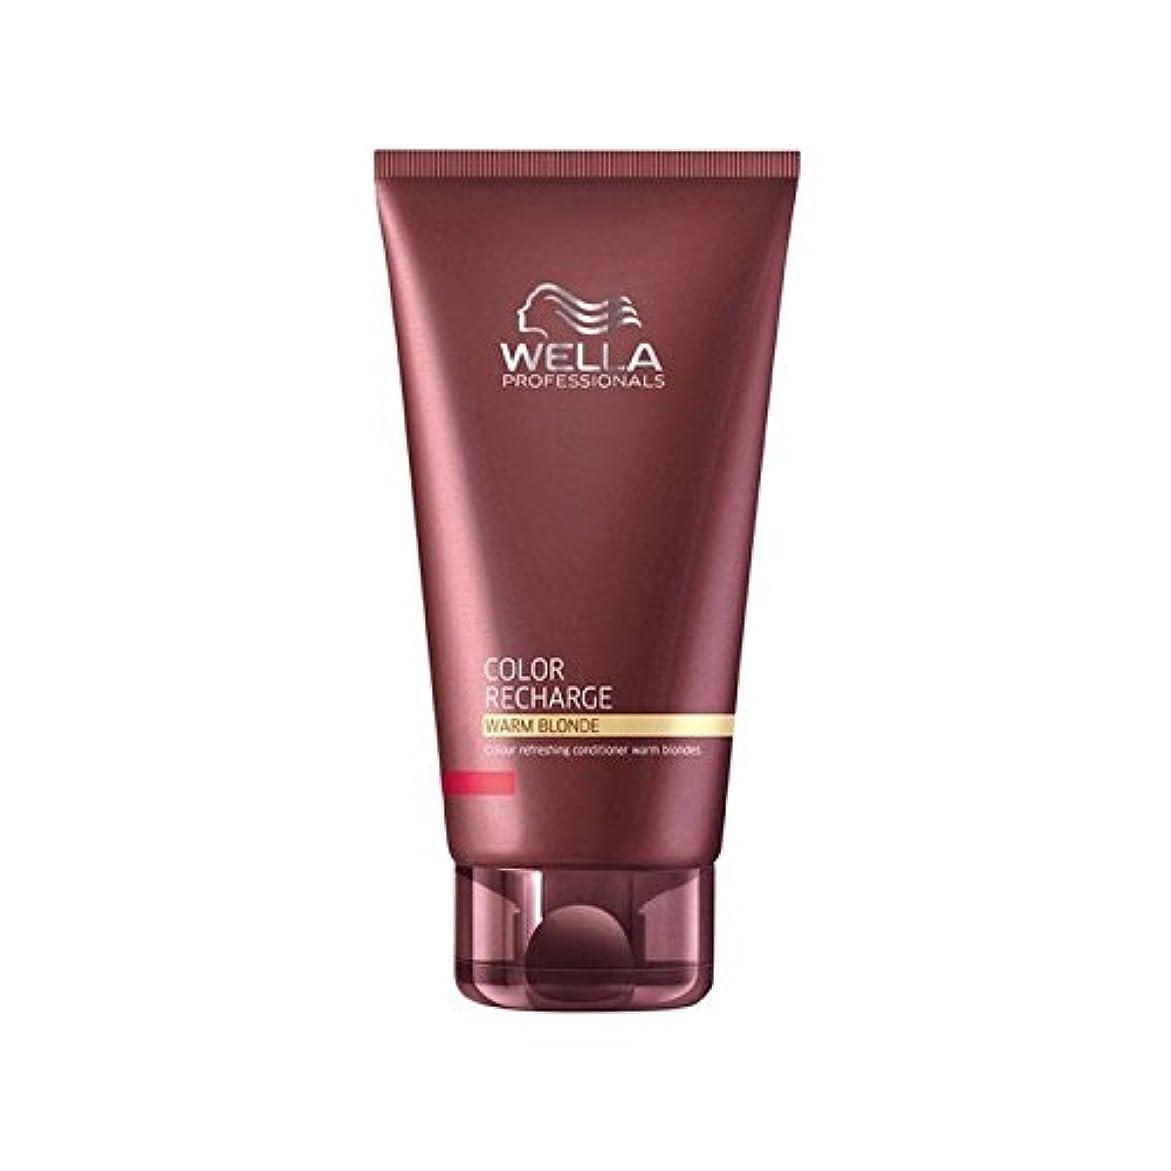 優れましたクリーム非互換ウエラ専門家のカラー再充電コンディショナー暖かいブロンド(200ミリリットル) x2 - Wella Professionals Color Recharge Conditioner Warm Blonde (200ml...